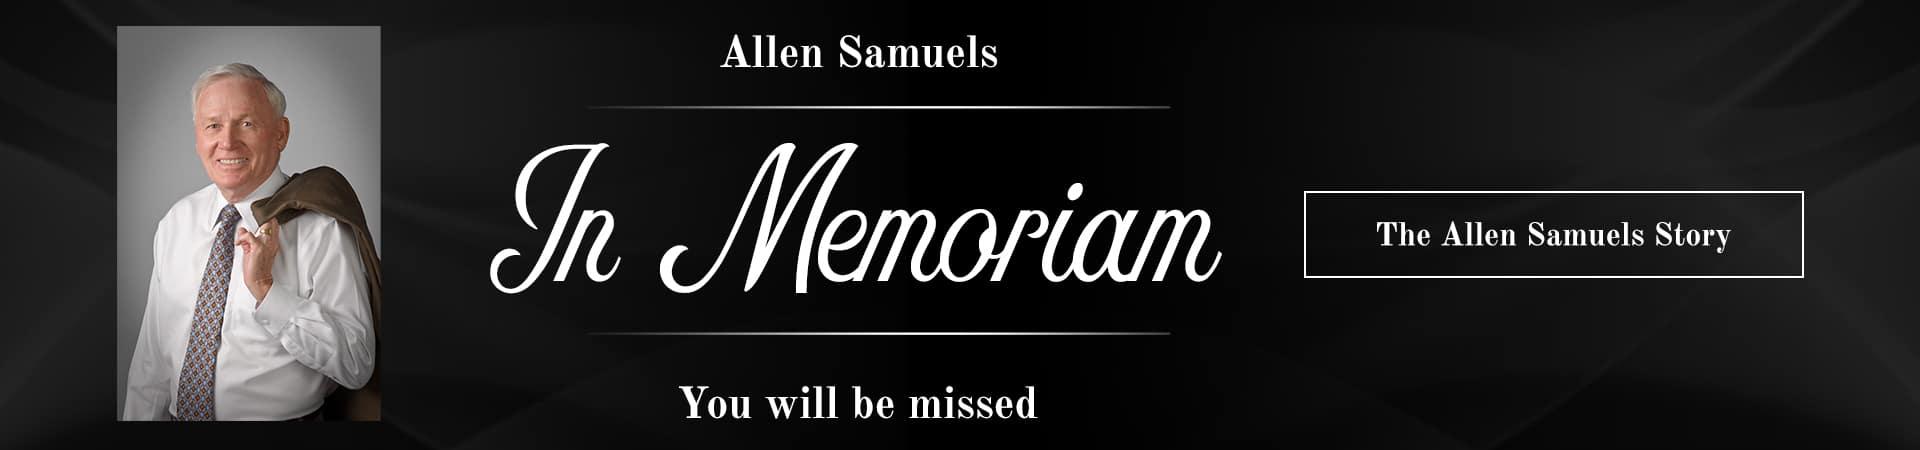 Allen Samuels In Memoriam